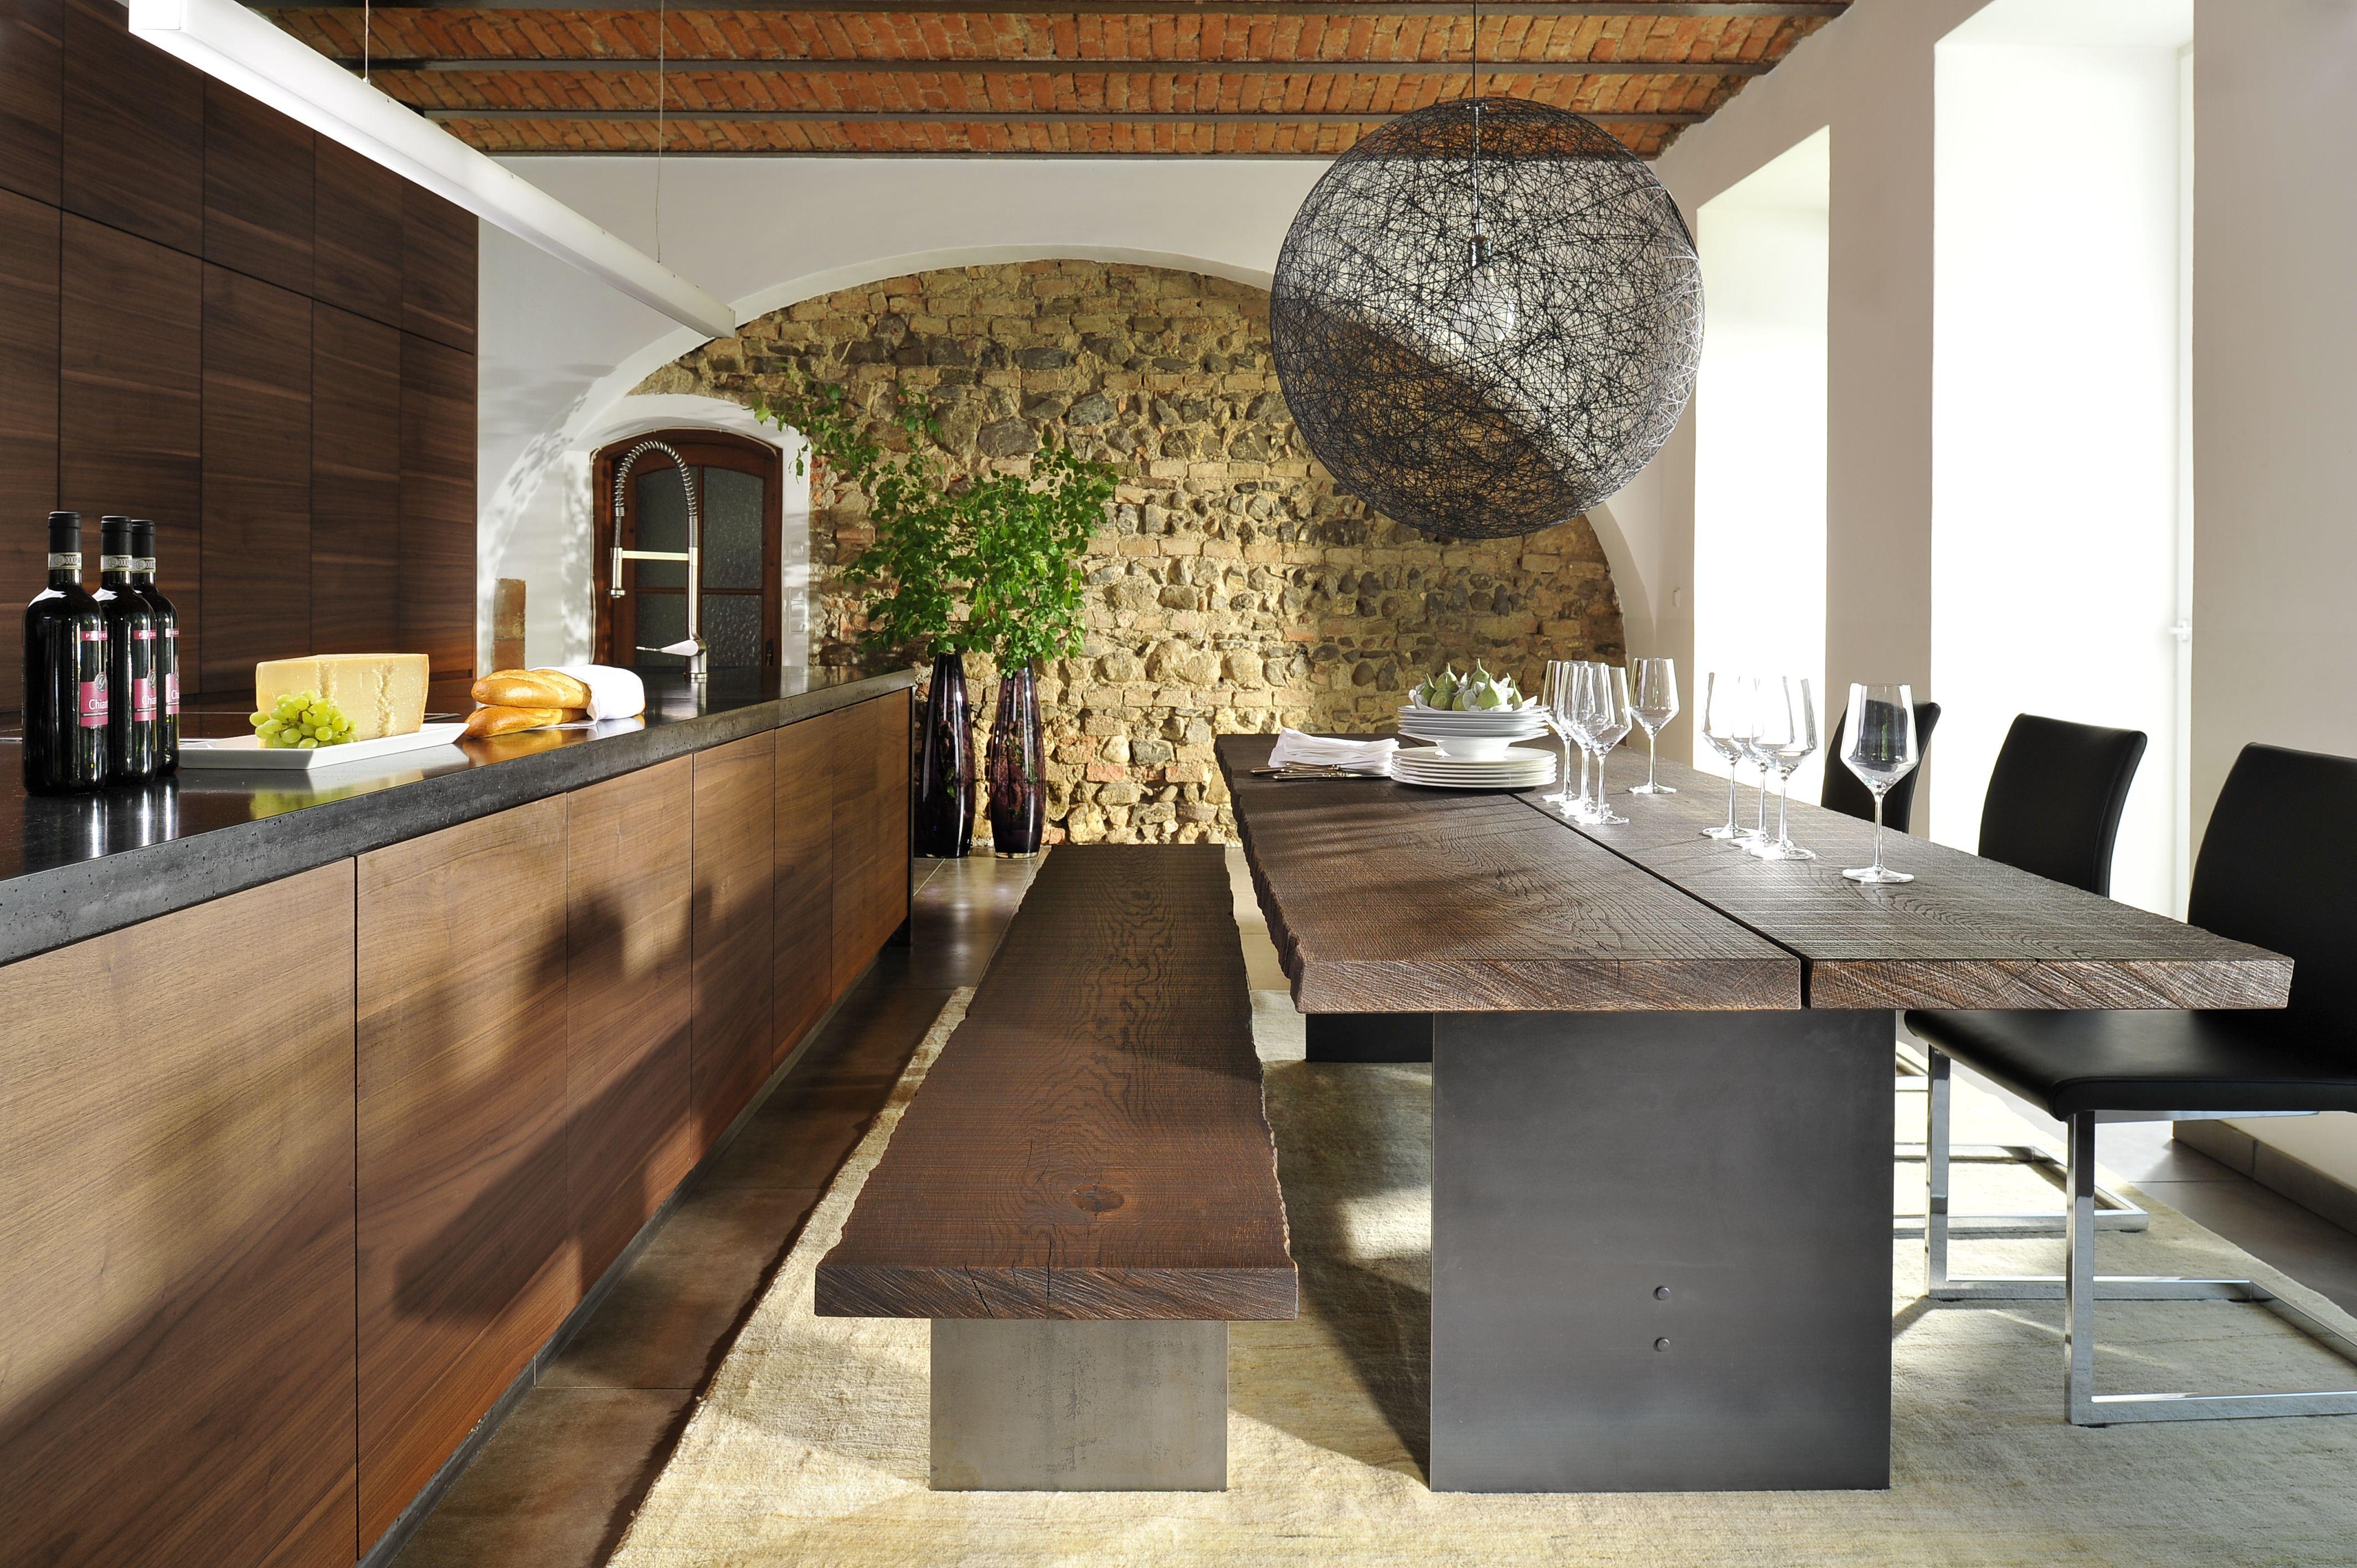 anrei massivholzm bel zeigt ideen f r ein gem tliches. Black Bedroom Furniture Sets. Home Design Ideas